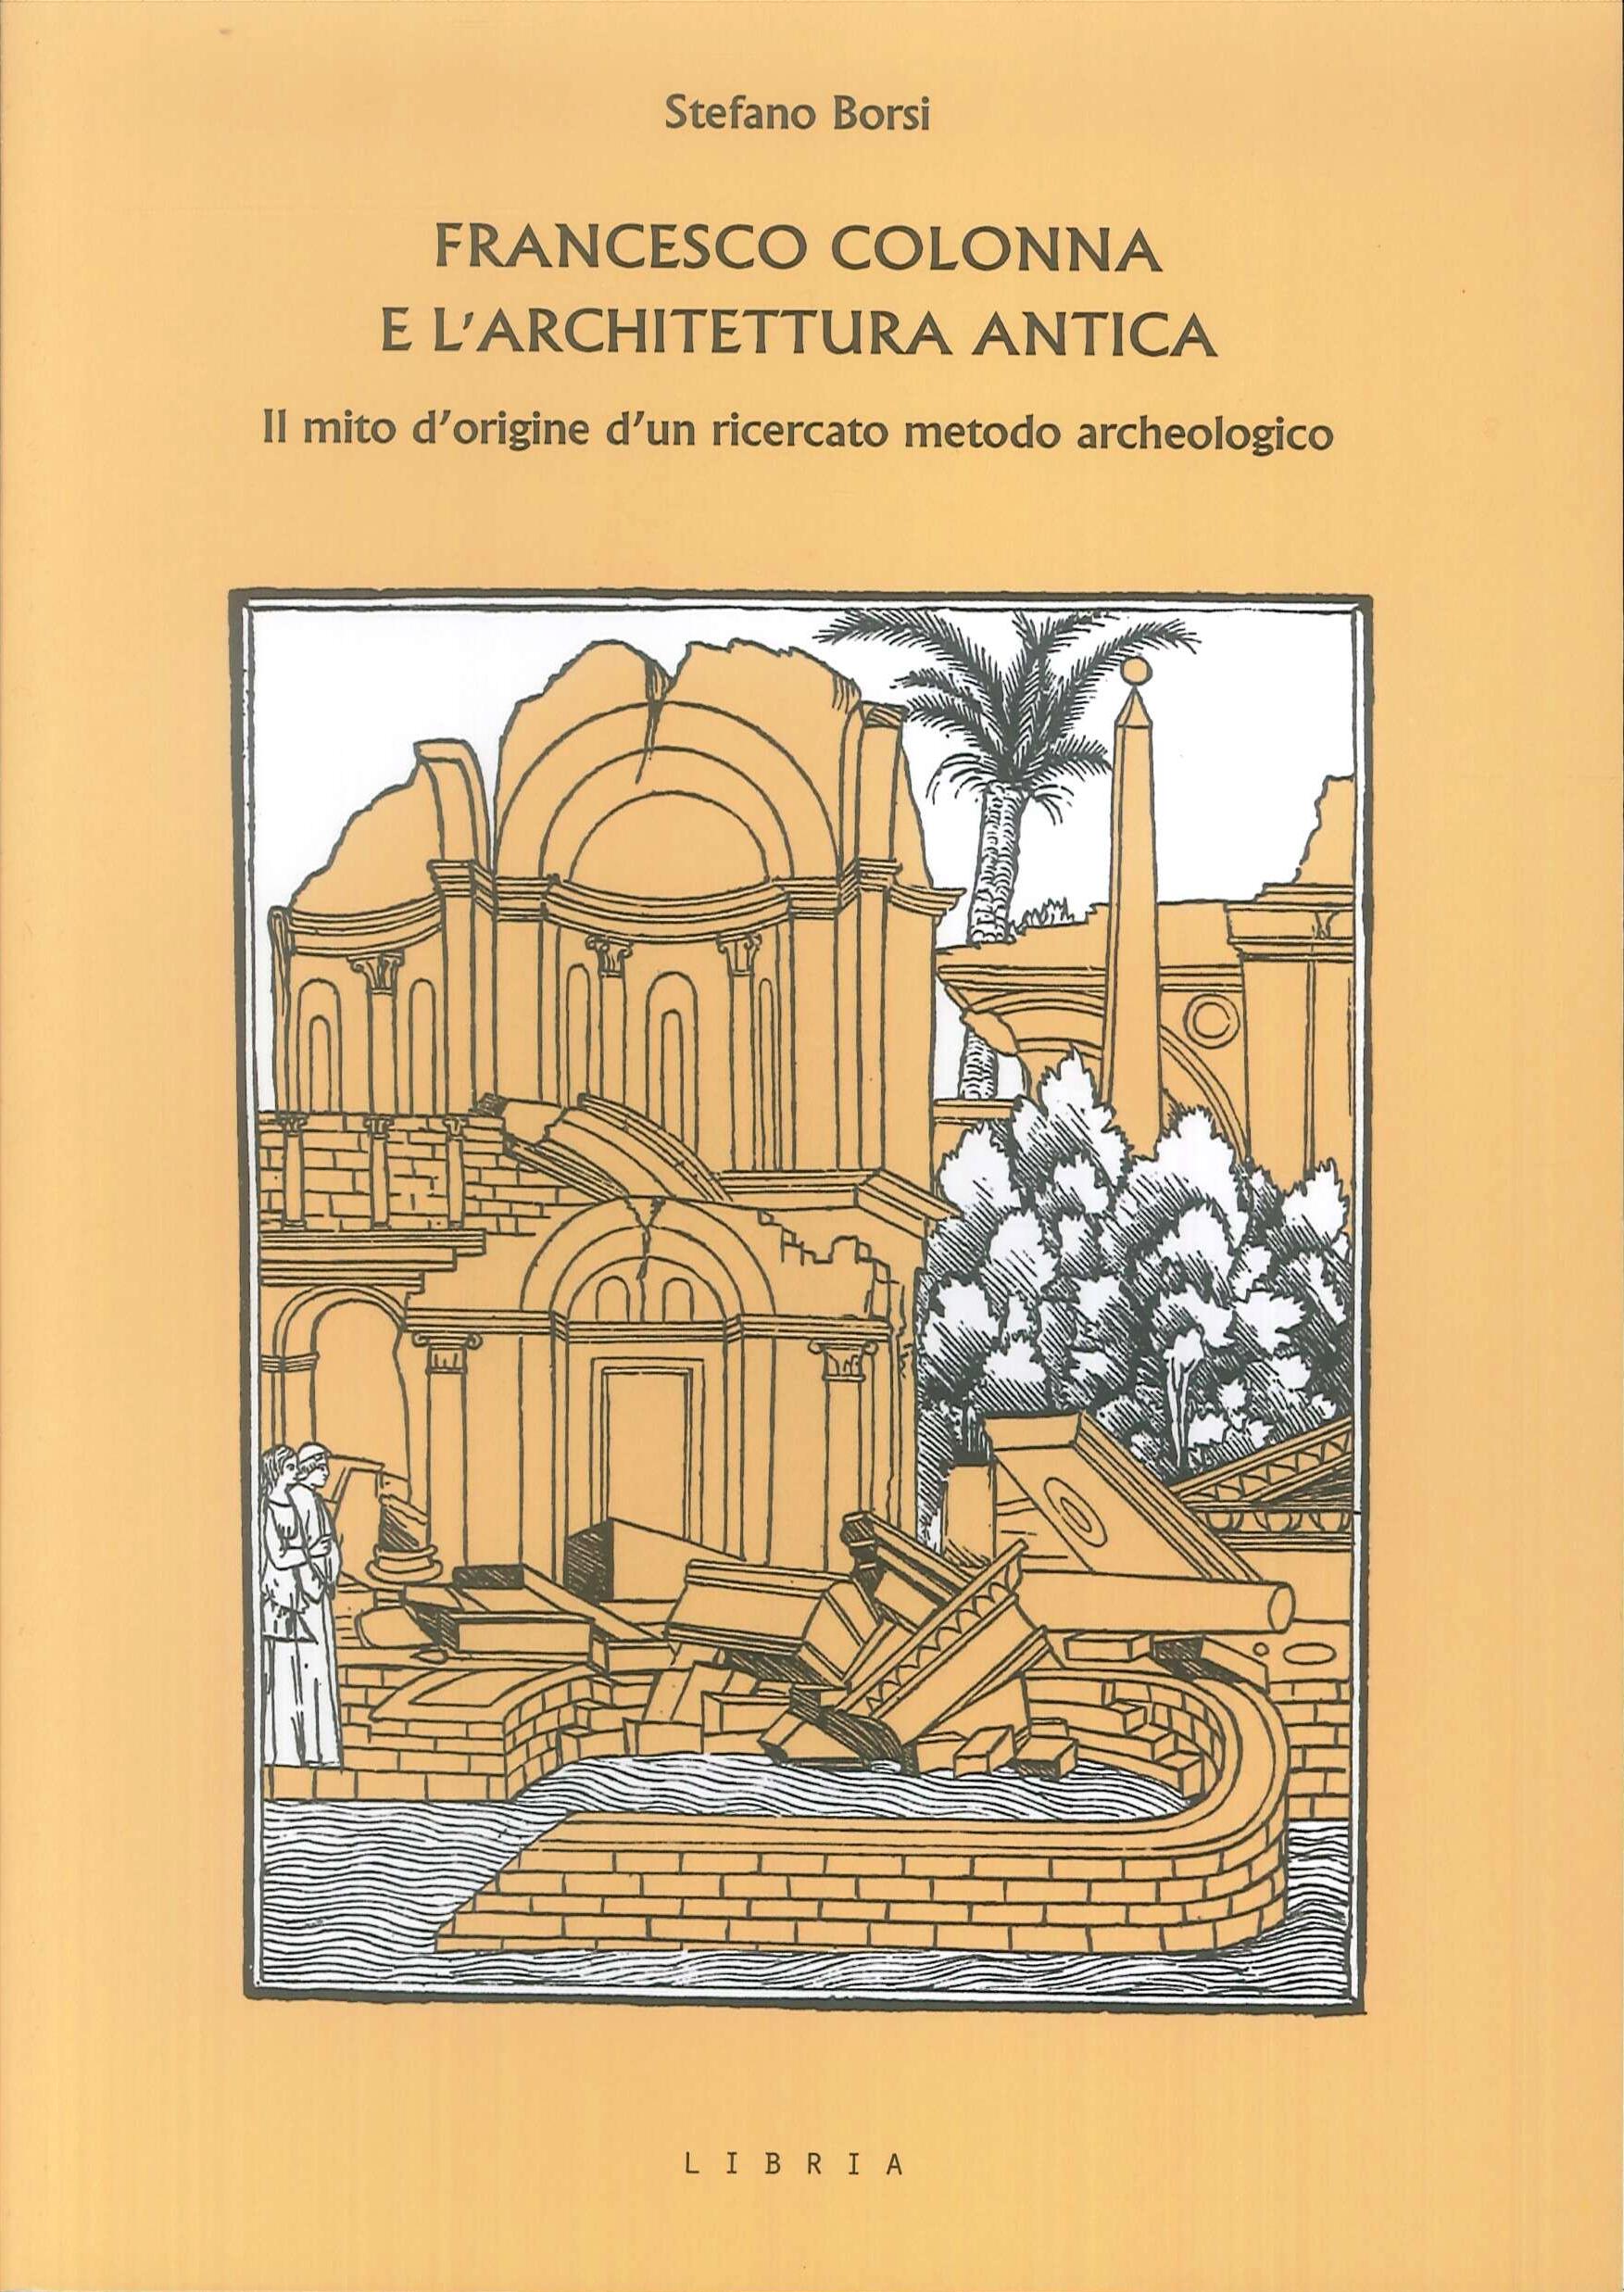 Francesco Colonna e l'architettura antica. Il mito d'origine d'un ricercato metodo archeologico